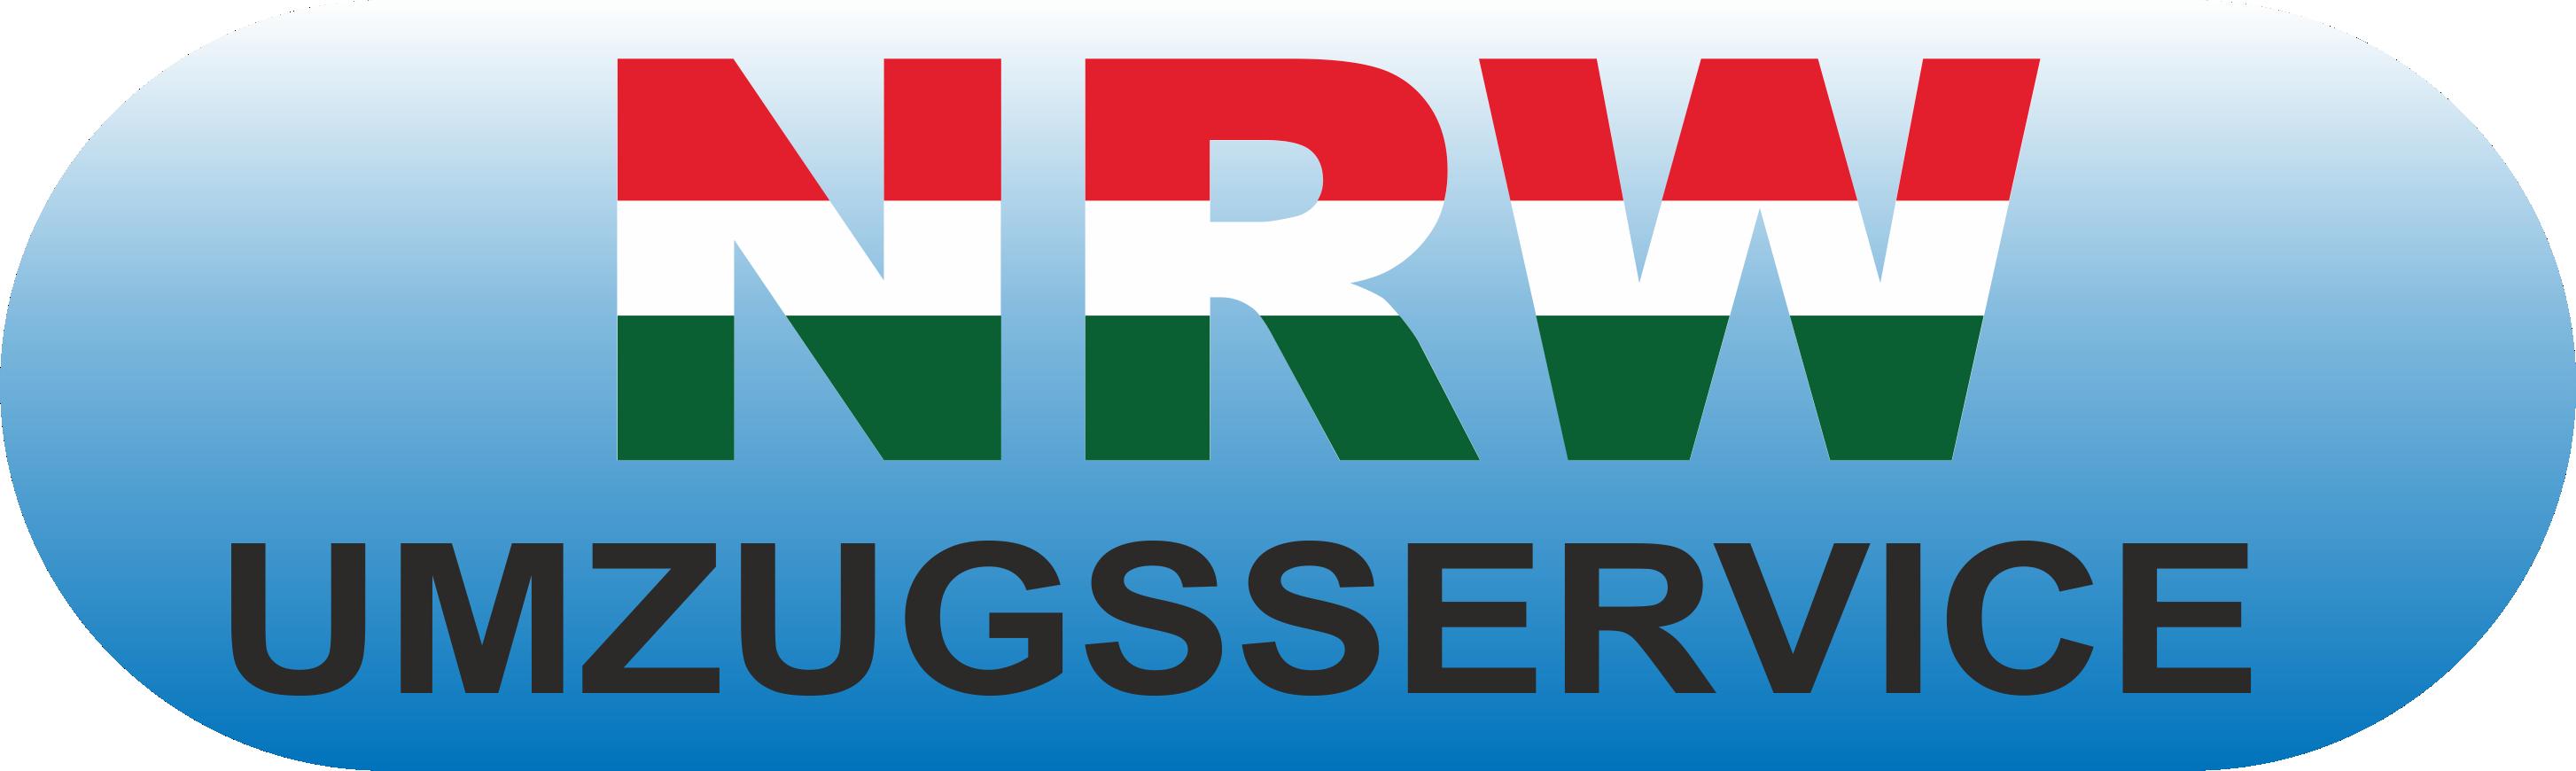 NRW Umzugsservice